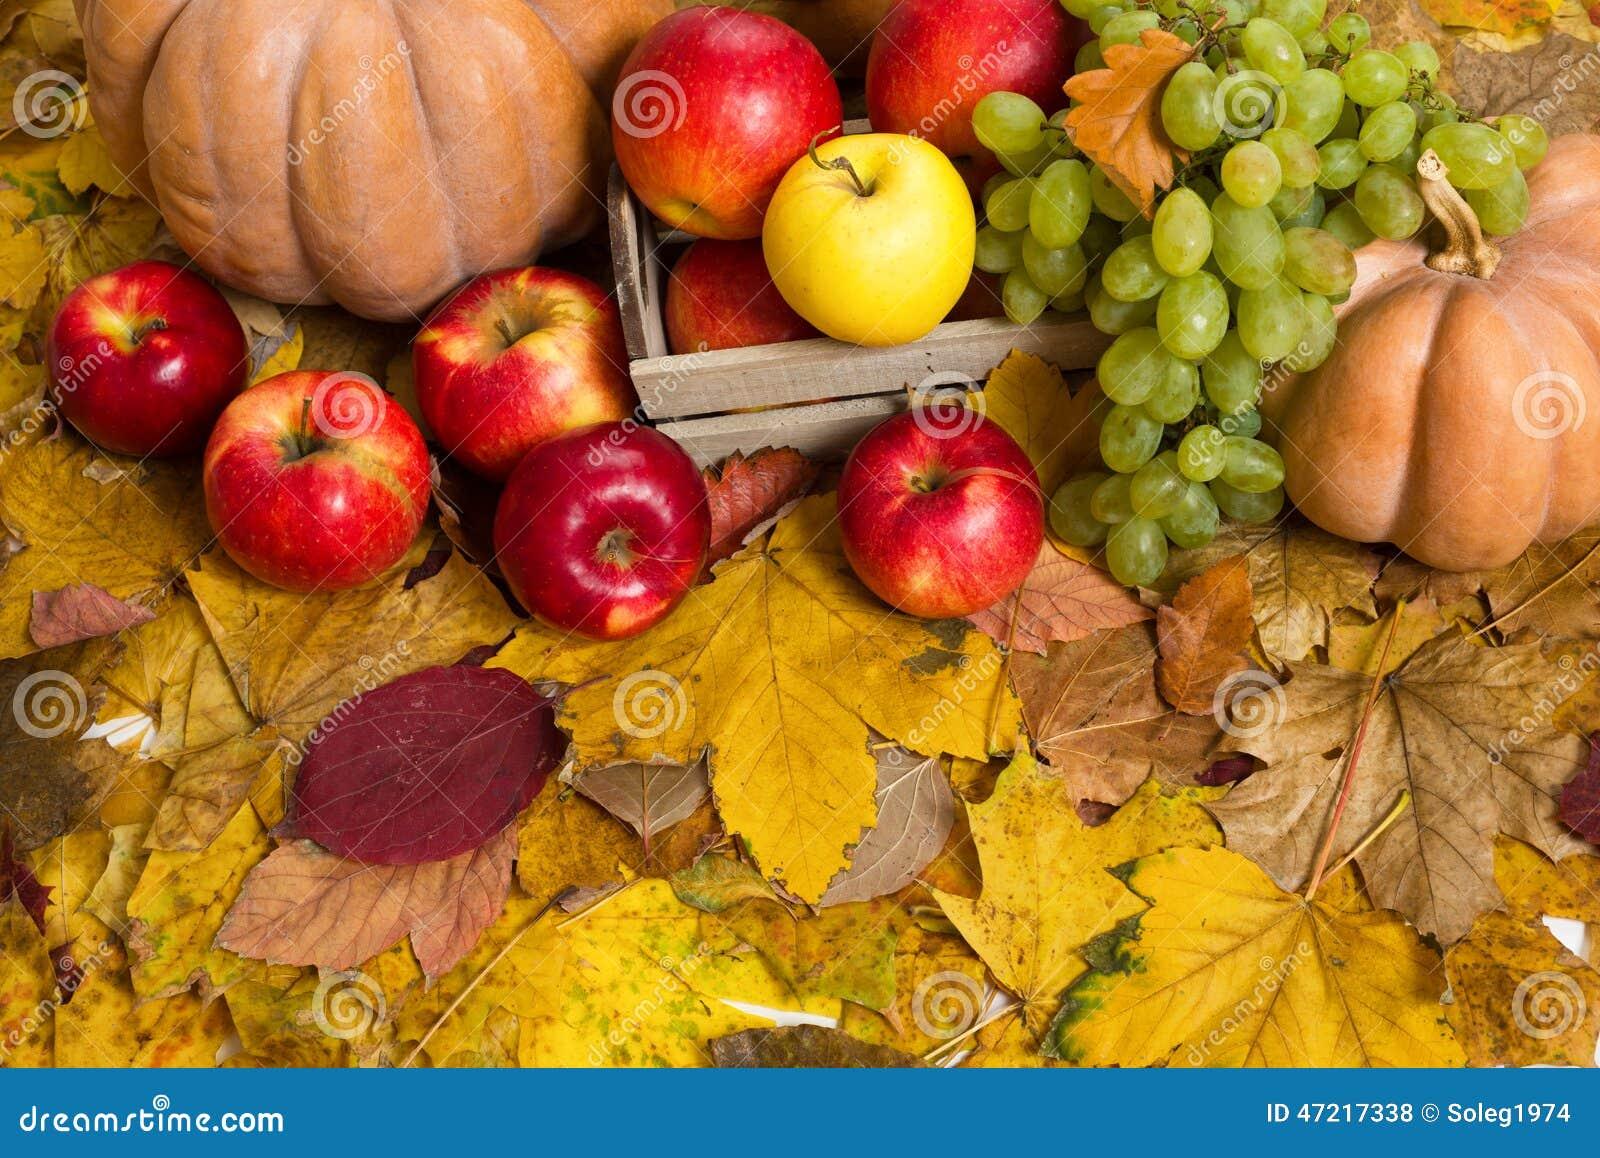 картинки осень овощи